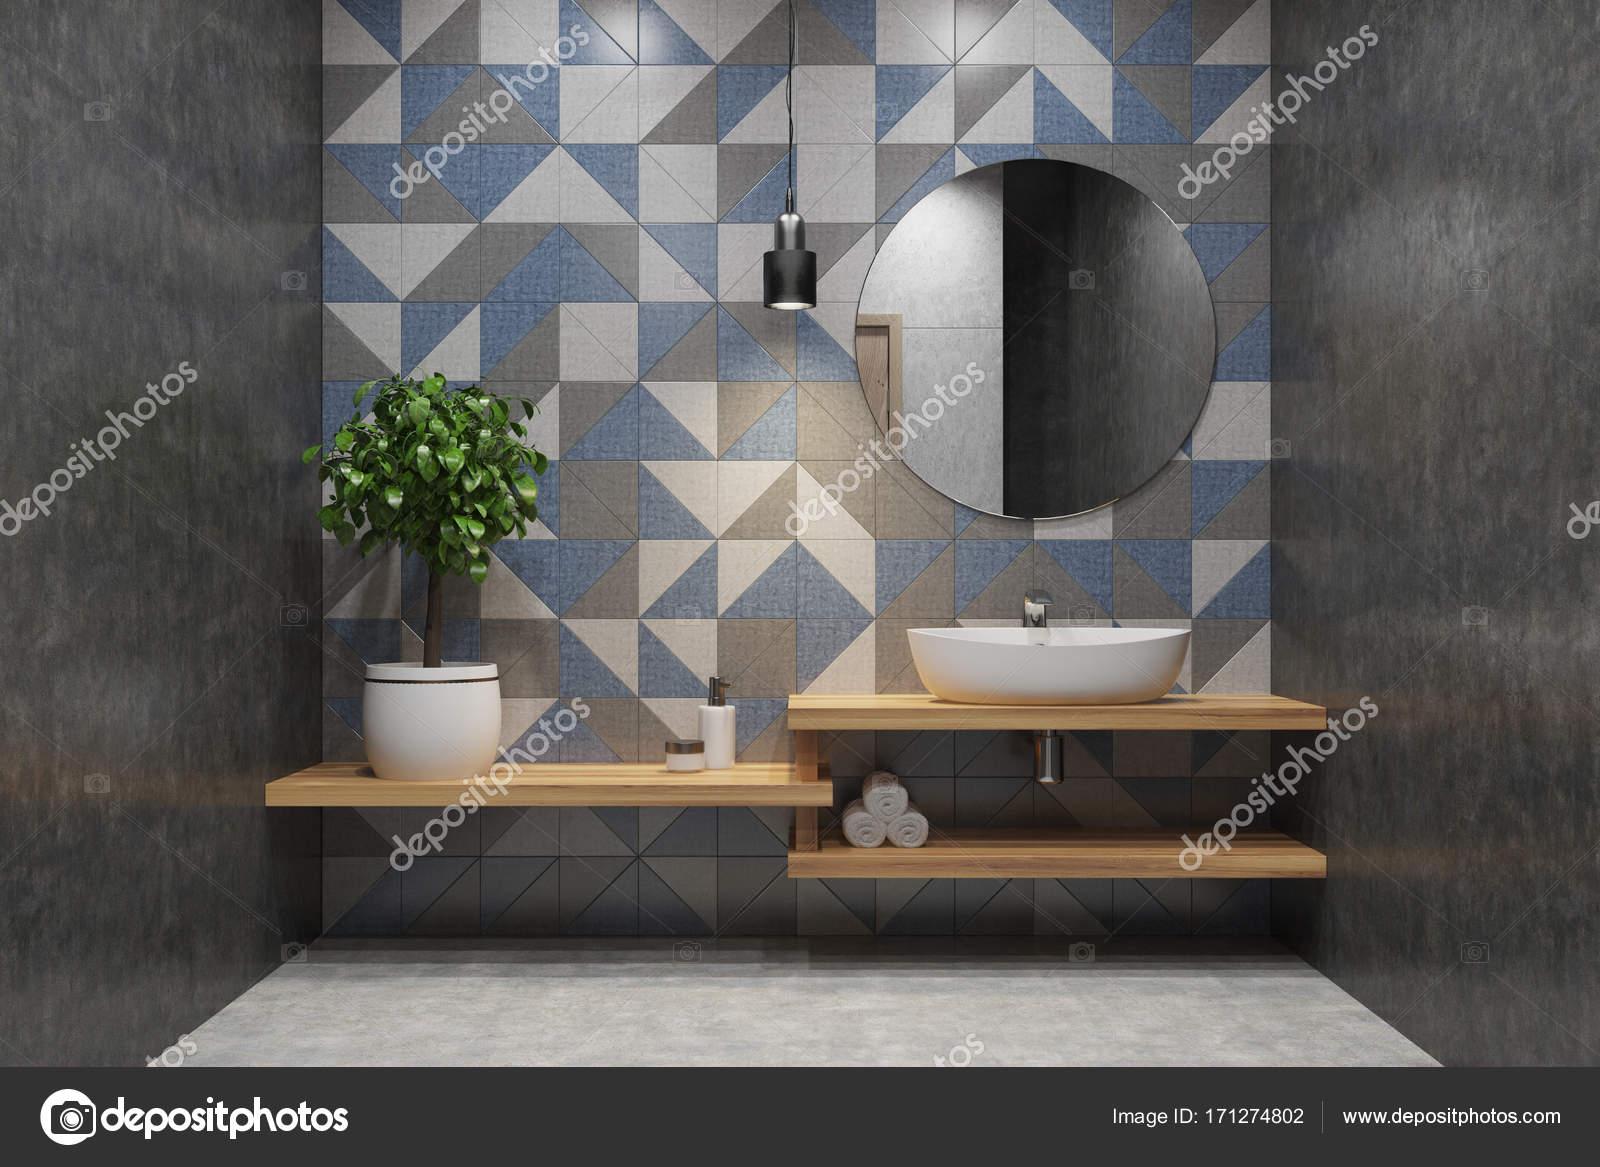 Gefliestes Badezimmer, Waschbecken, Runde Spiegel — Stockfoto ...